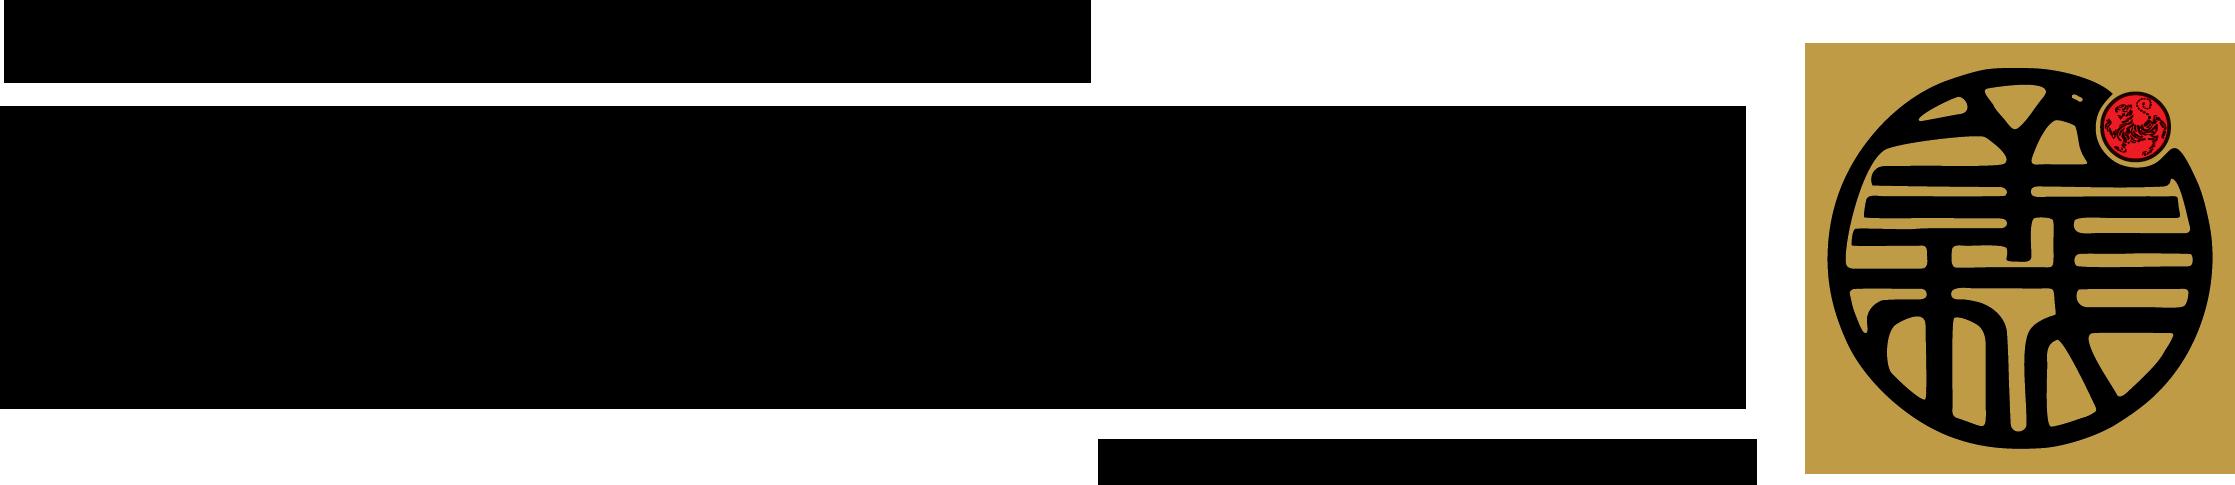 Федерация традиционного КАРАТЭ под руководством Д. Кобзева